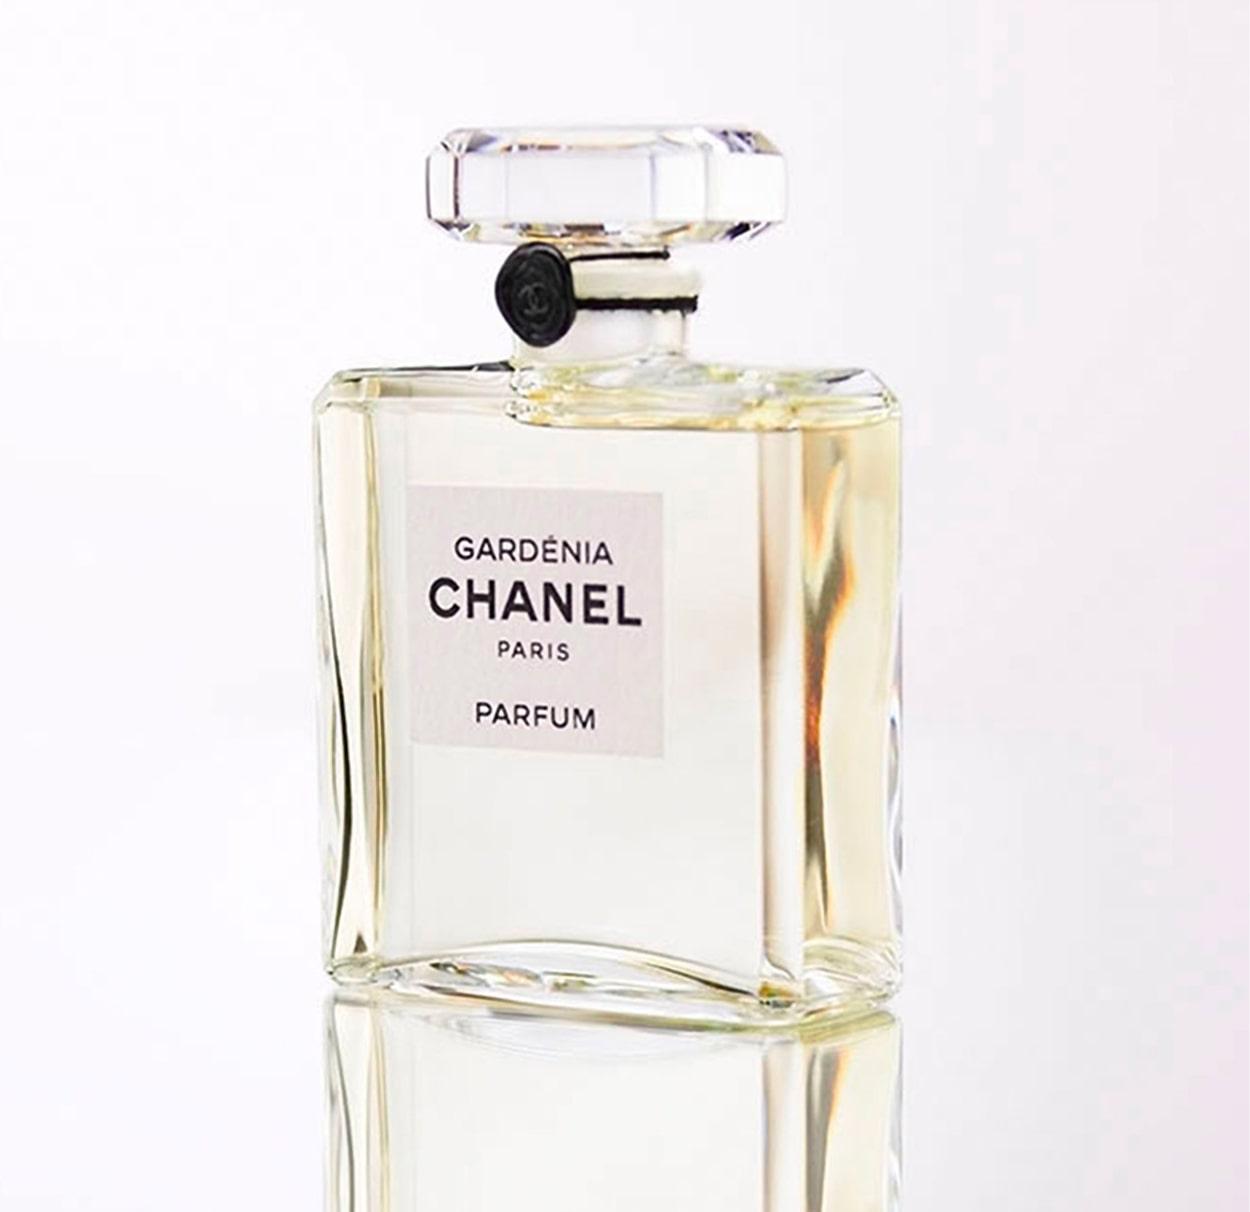 Photo Flacon Chanel Gardena